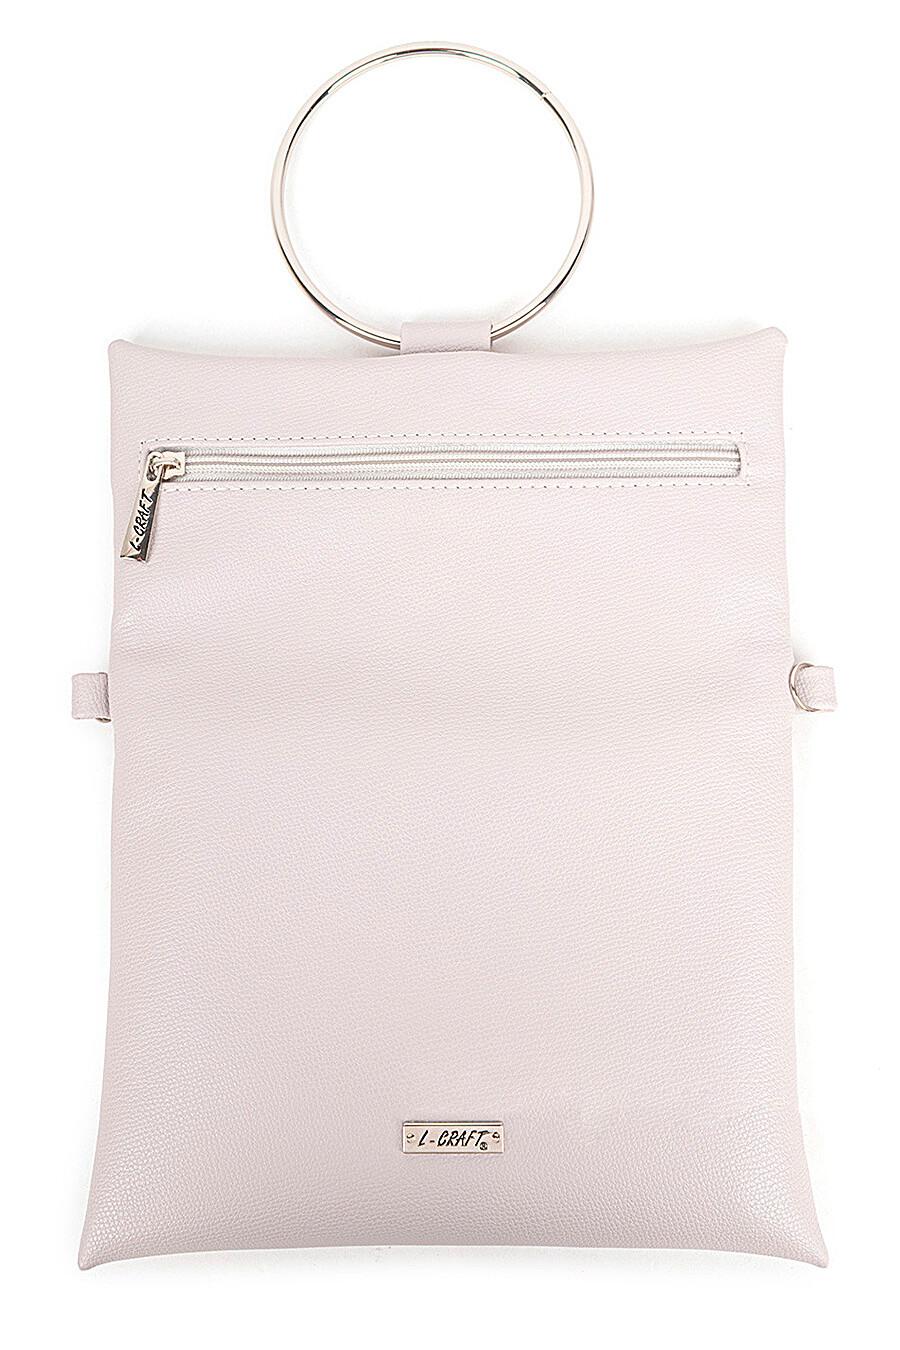 Сумка для женщин L-CRAFT 668000 купить оптом от производителя. Совместная покупка женской одежды в OptMoyo